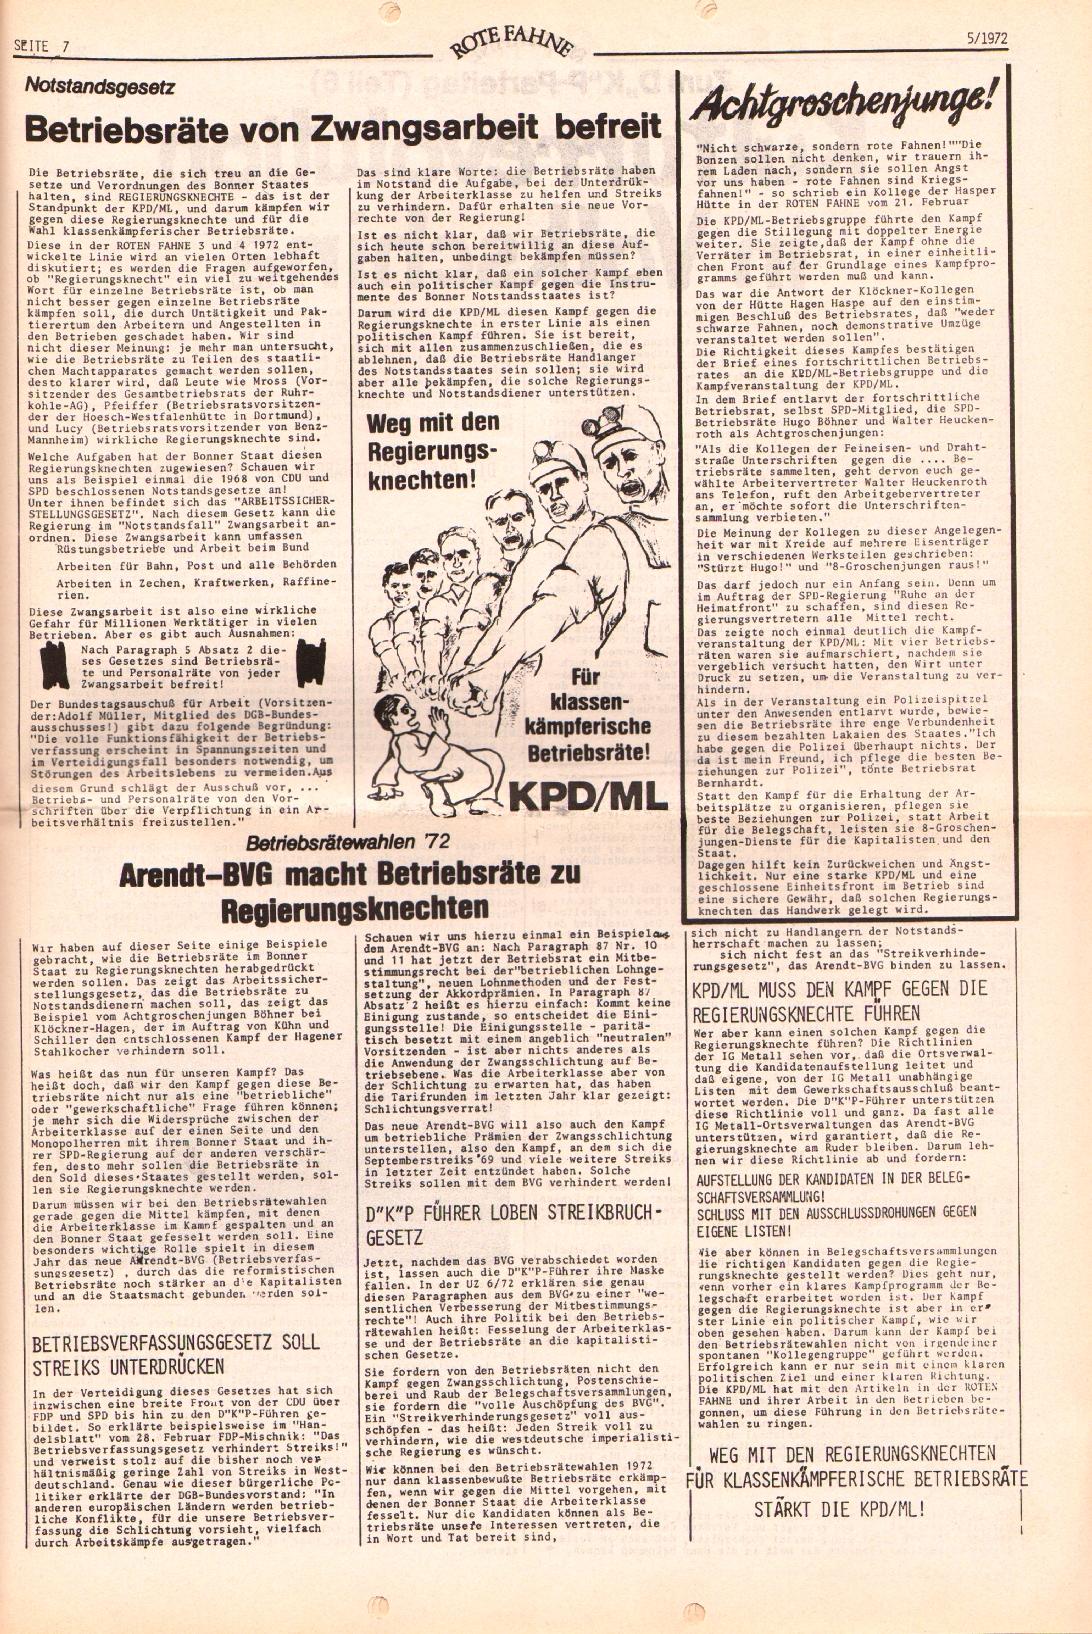 Rote Fahne, 3. Jg., 6.3.1972, Nr. 5, Seite 7